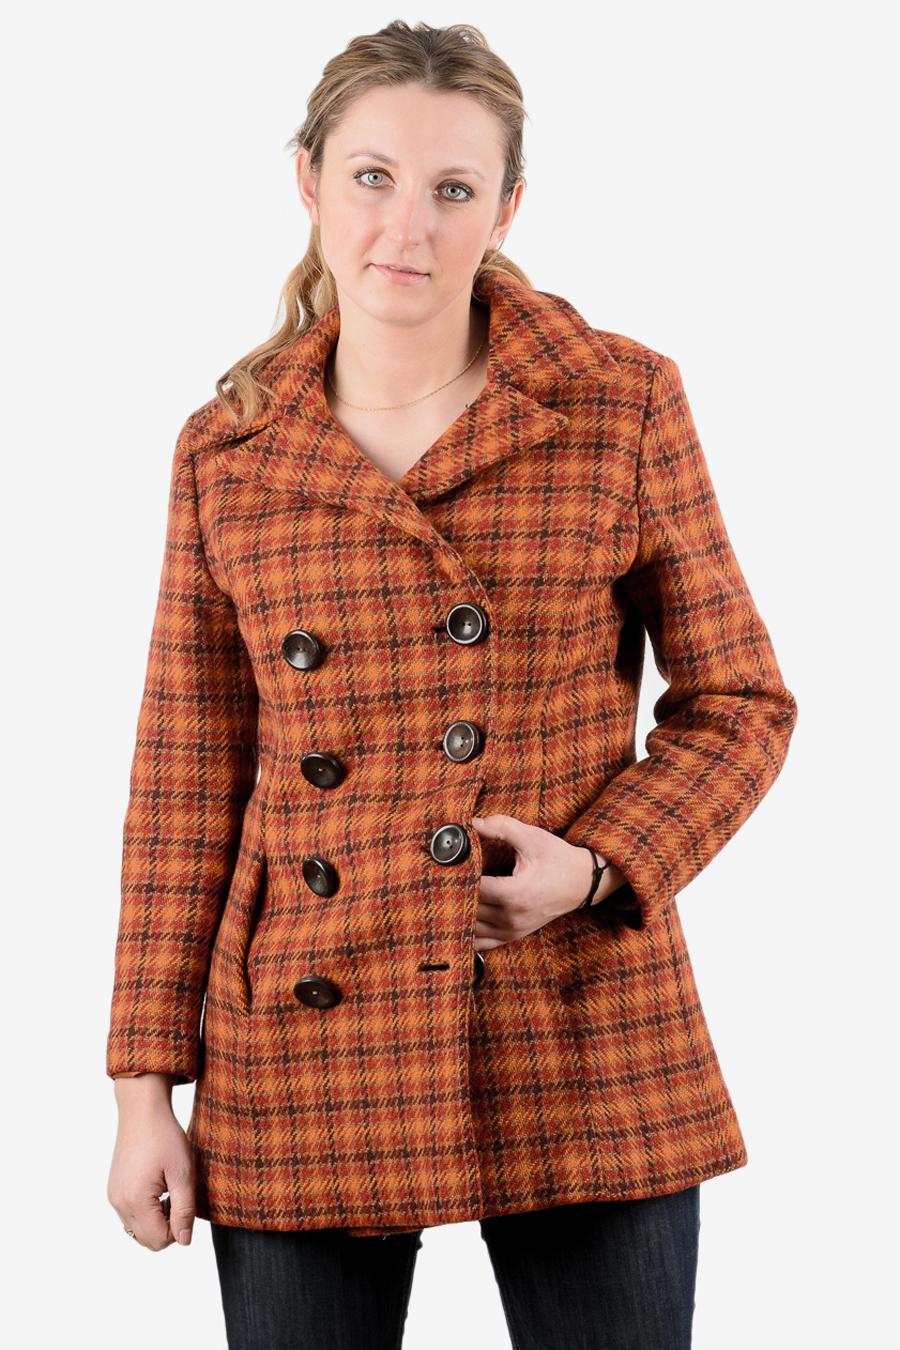 Women's 1960's coat